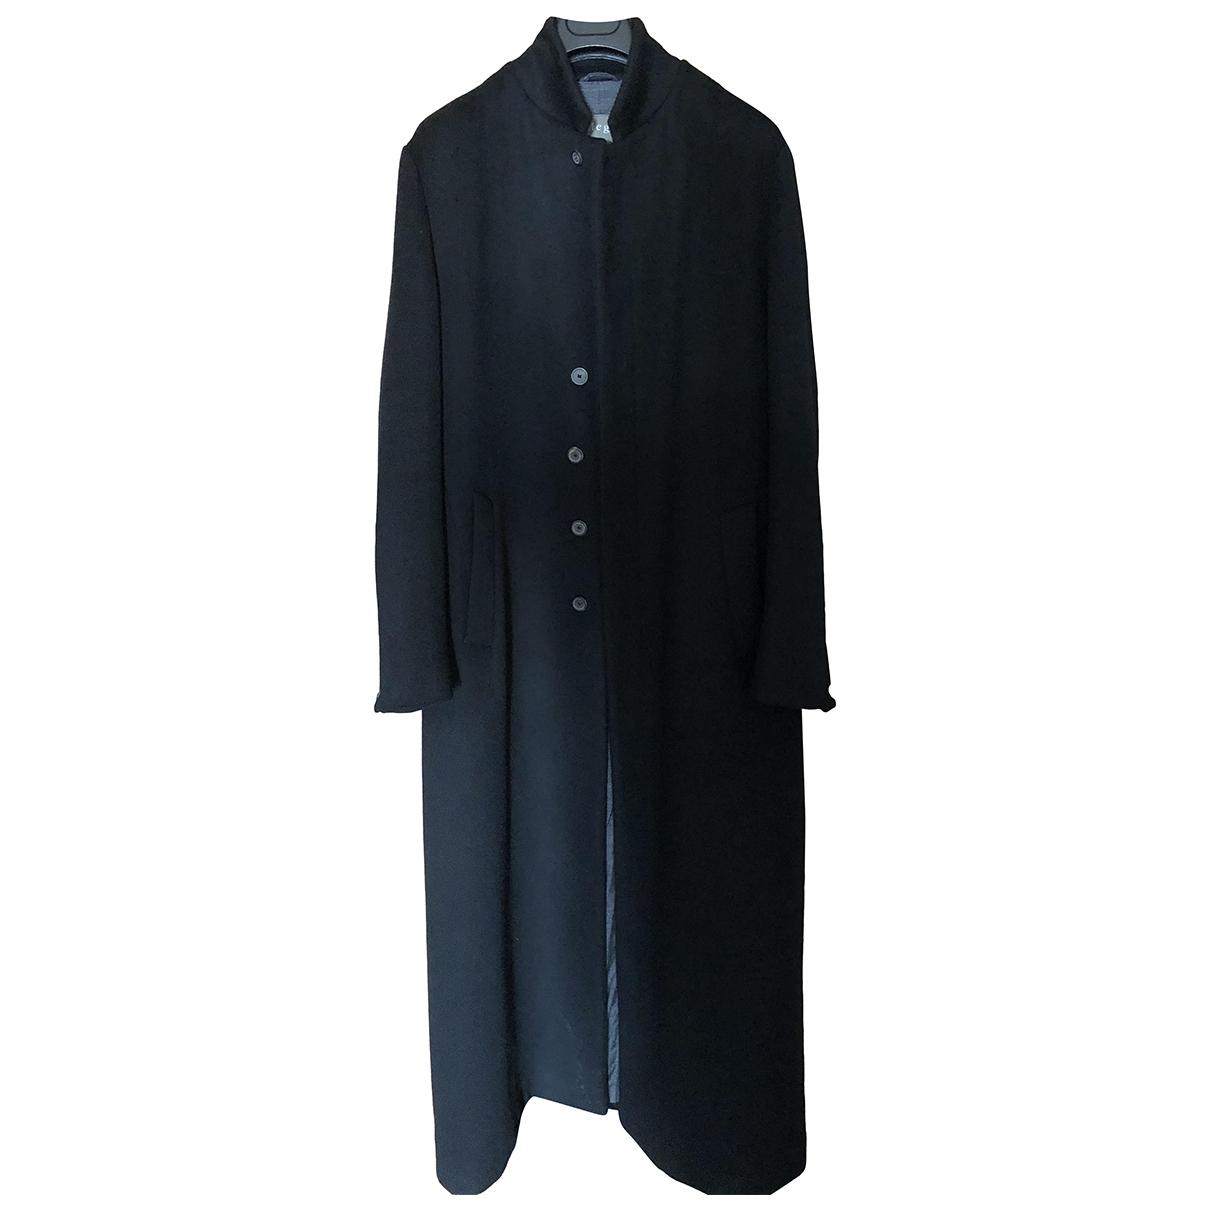 Allegri - Manteau   pour homme en cachemire - noir